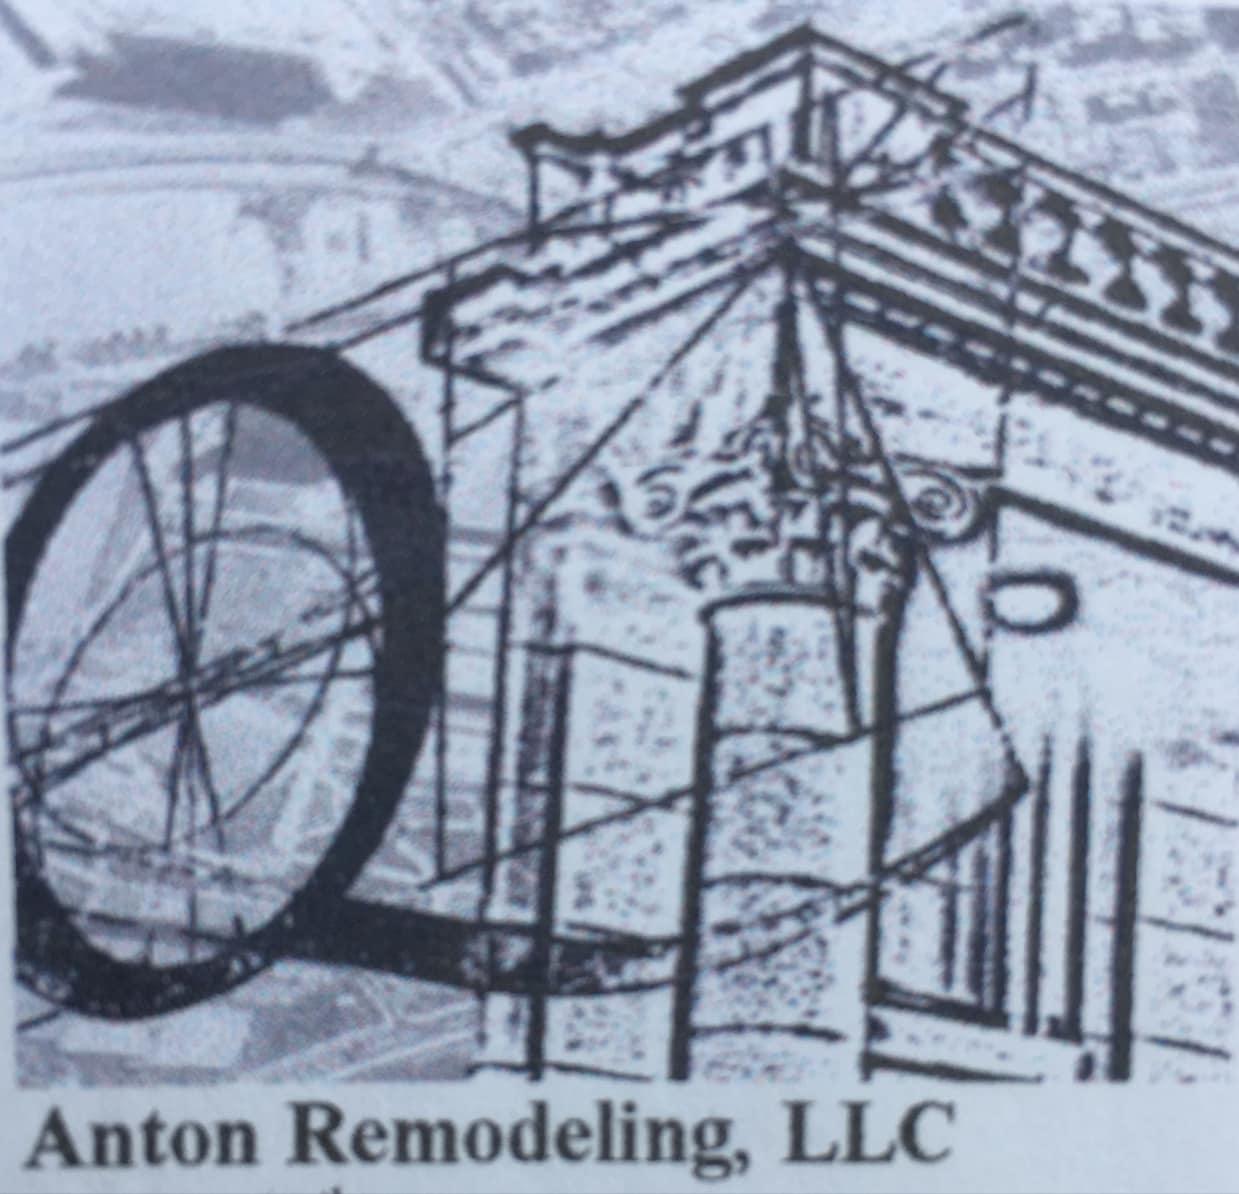 Anton Remodeling logo